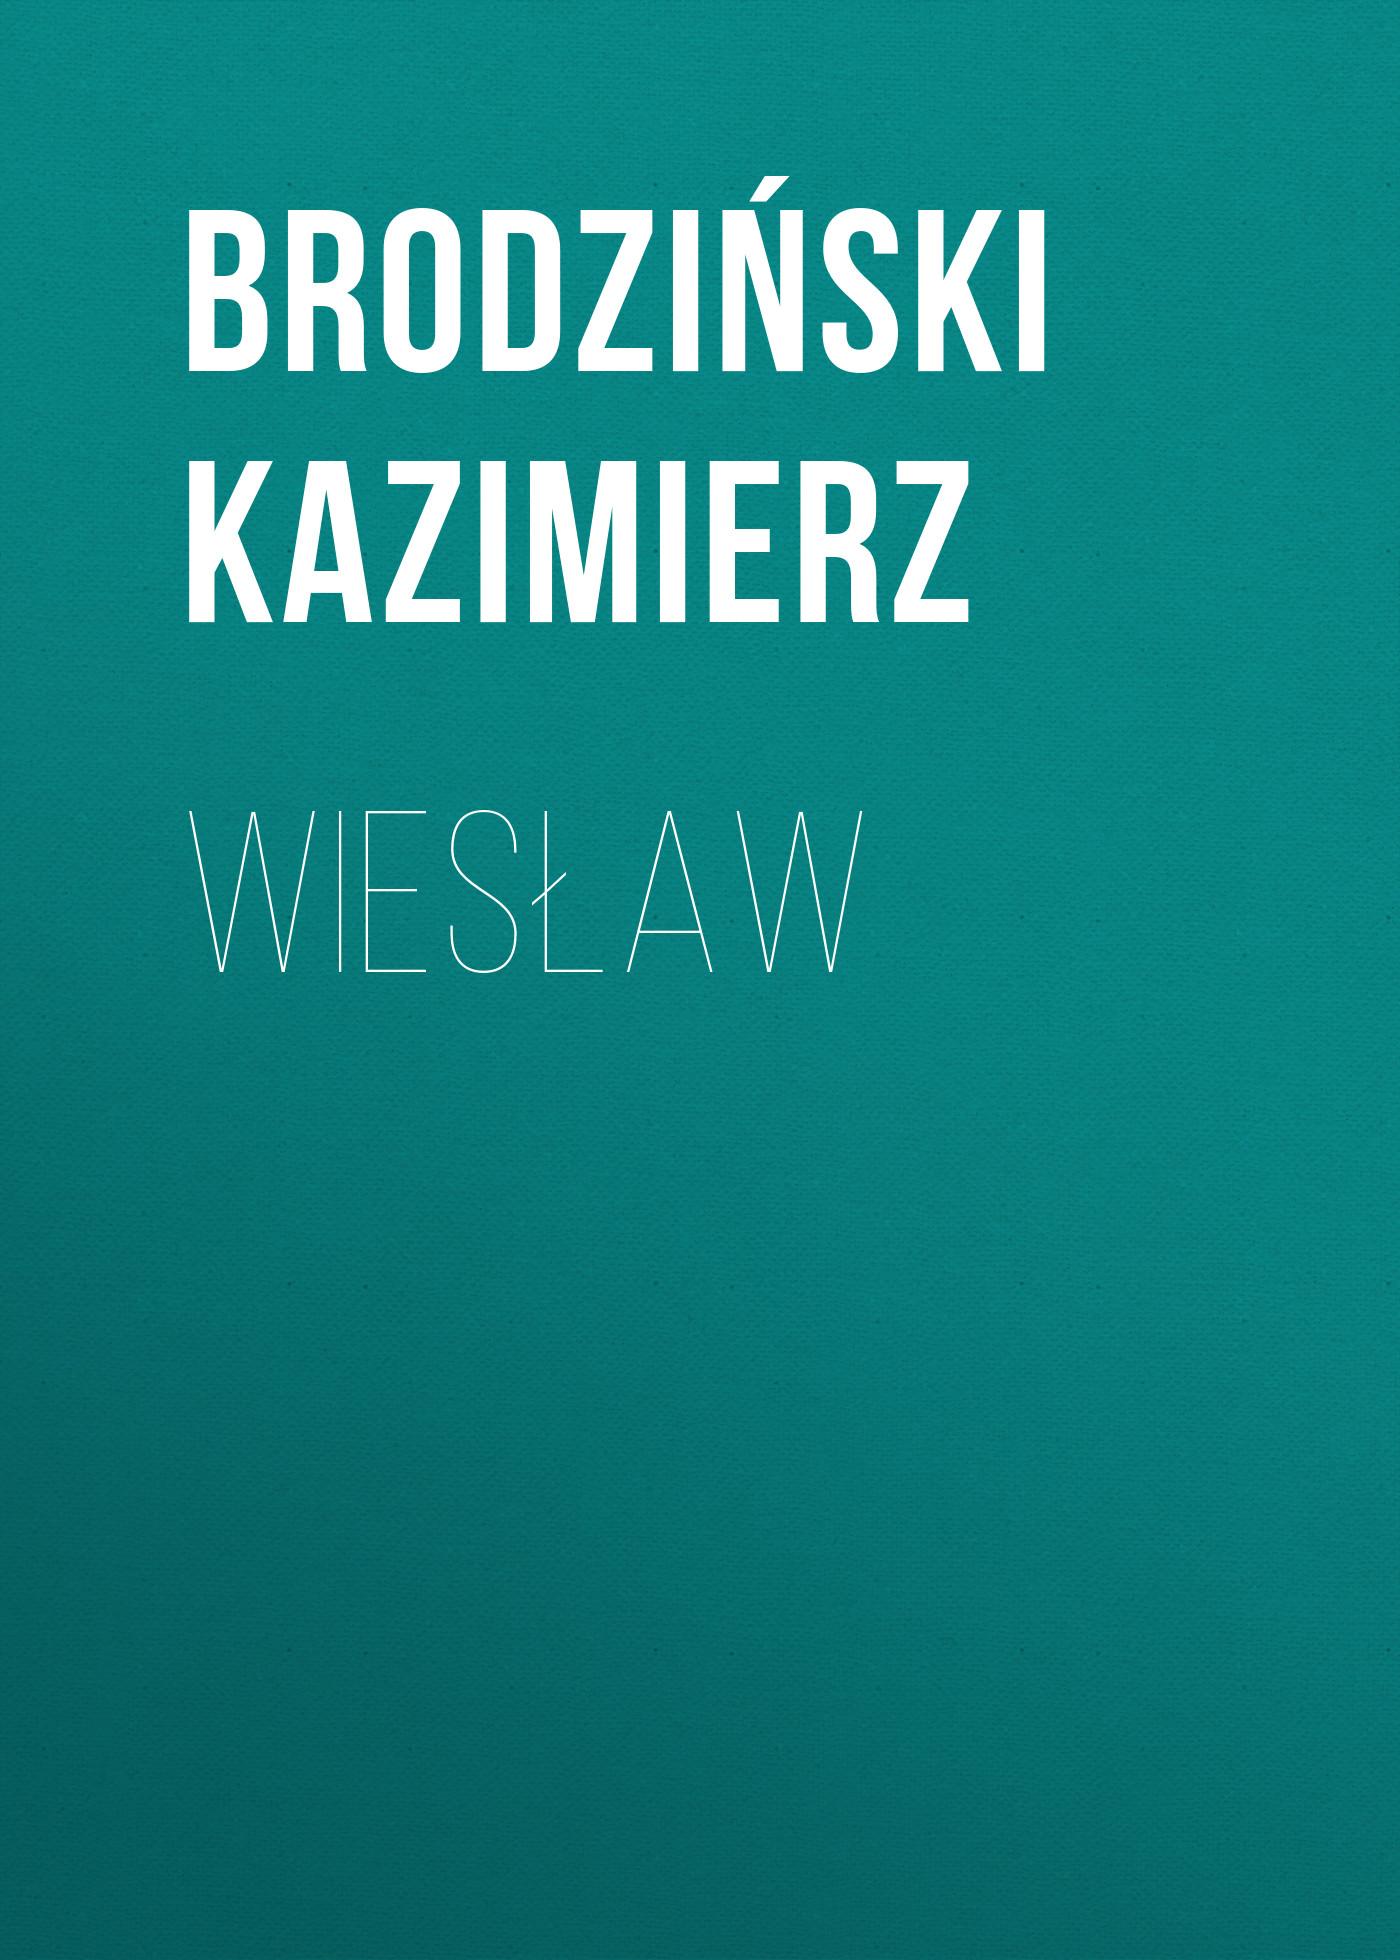 wieslaw